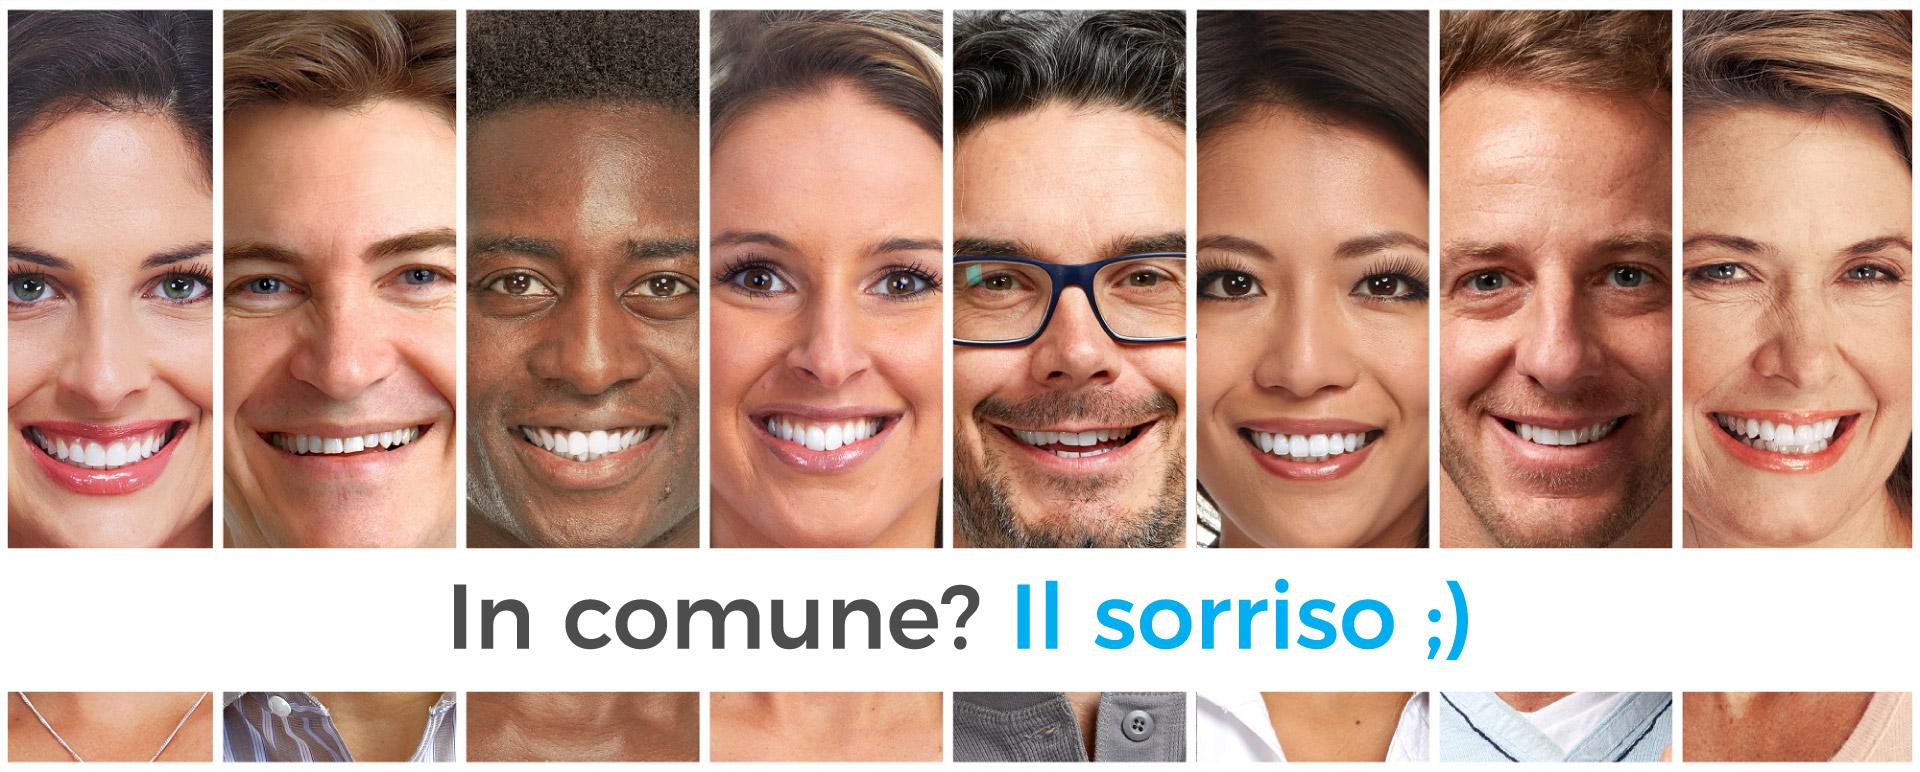 Ritrova il sorriso con i dentisti dello Studio Dentistico Maccario a Novara